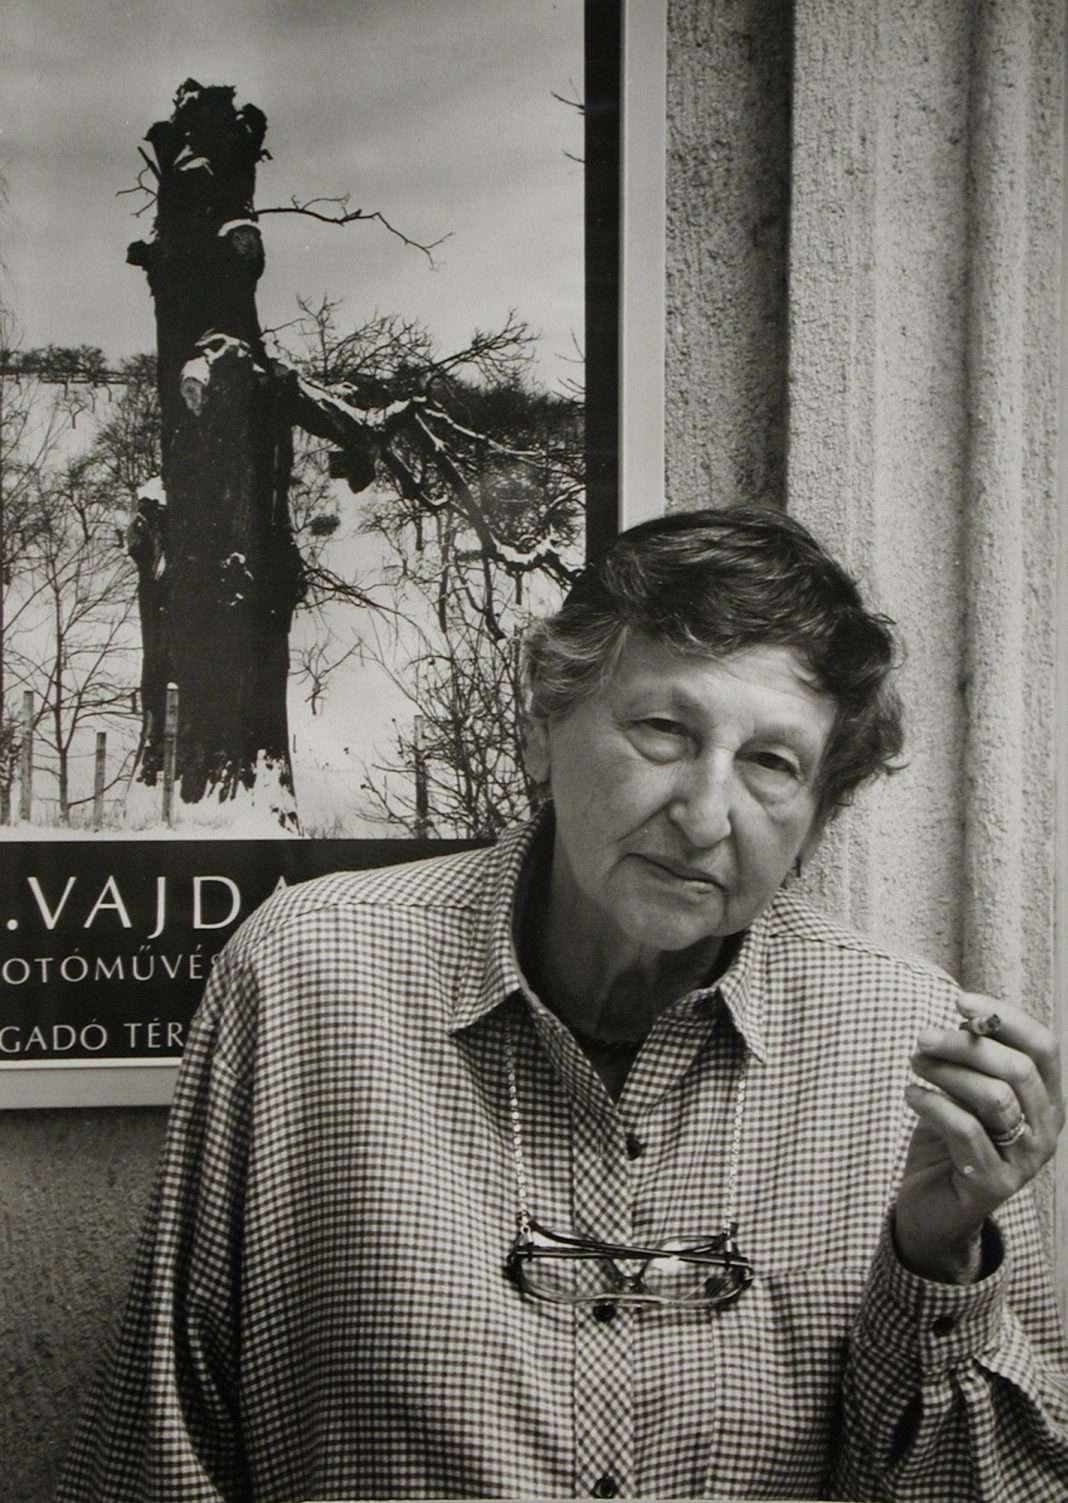 Fotó: Tóth József: Reismann Marian otthonában, 1989 © Magyar Fotográfiai Múzeum